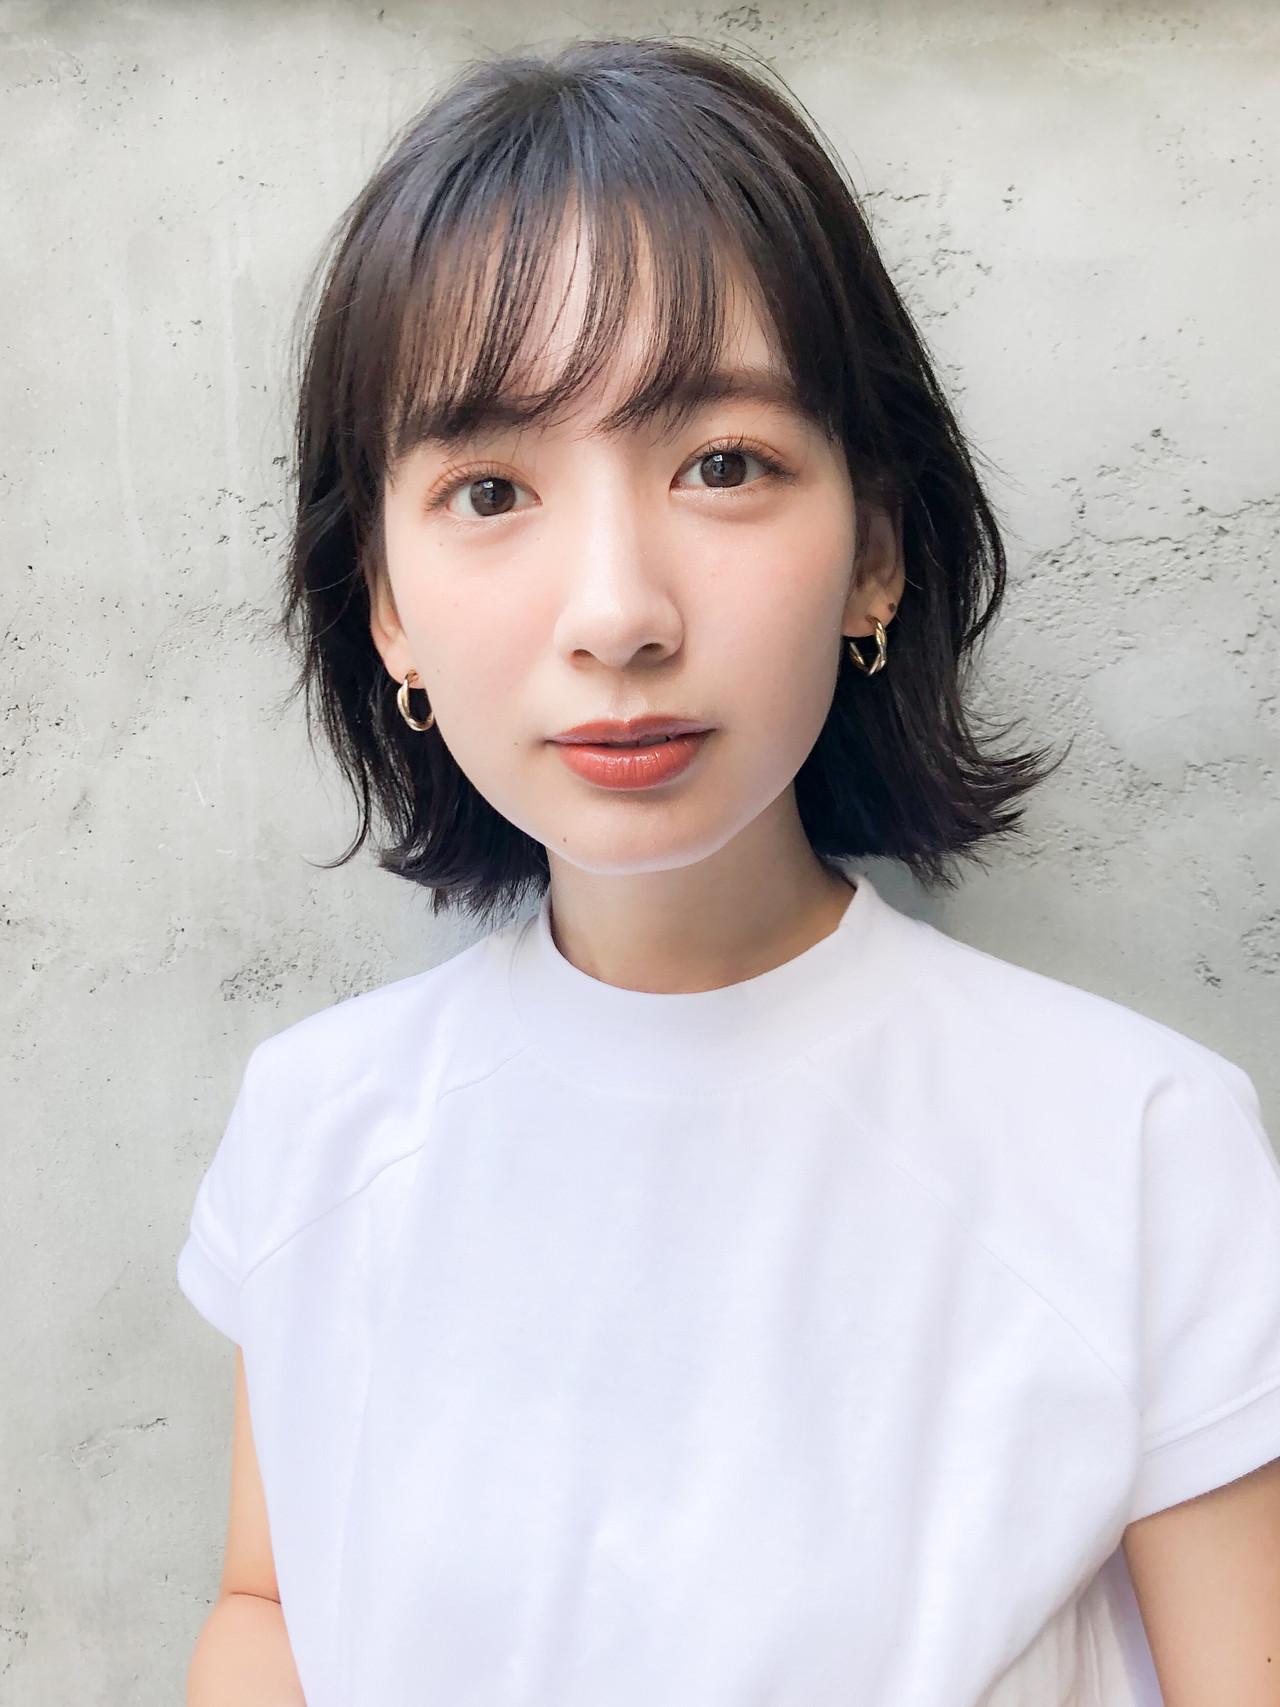 鈴木シュウヘイ/dydi 表参道